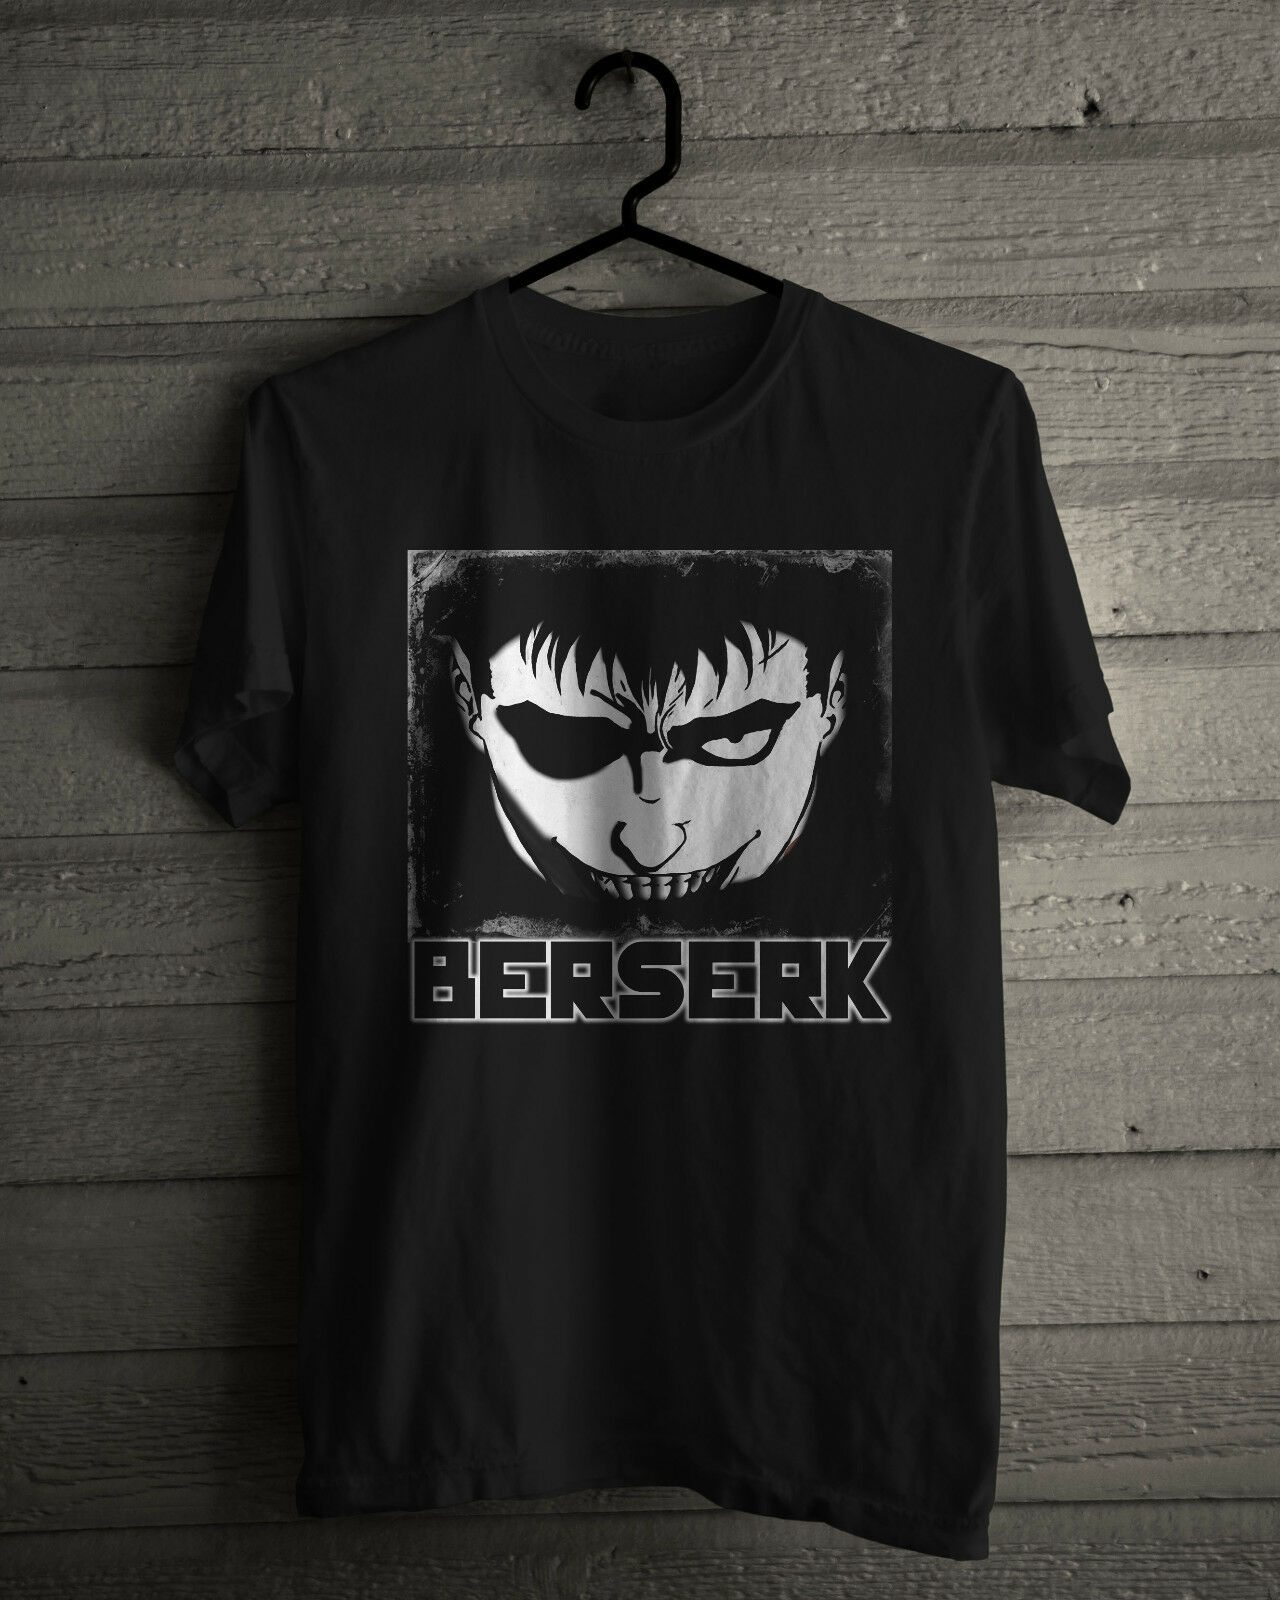 BERSERK T-shirt, Japanese Anime manga series Men's Black Or White ...